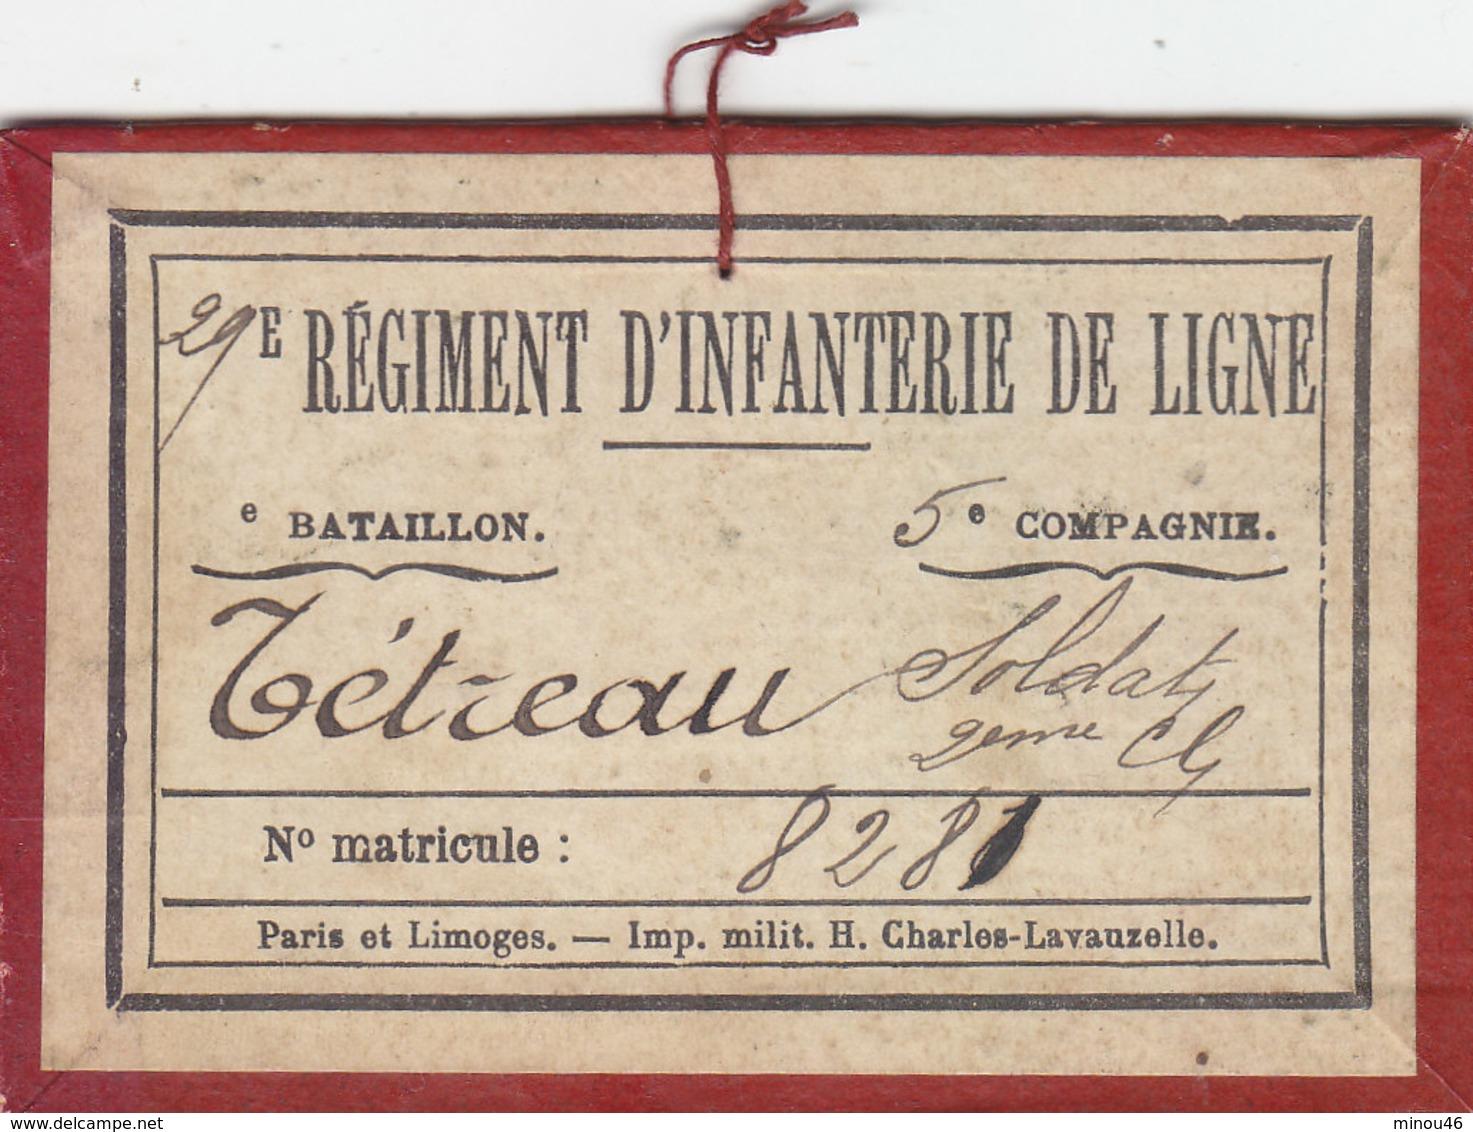 TRES RARE CARTON DE SERVICE .DU 29EME REGIMENT D INFANTERIE DE LIGNE.5EME COMPAGNIE.1926. 2EME CLASSE.T.B.ETAT - Documents